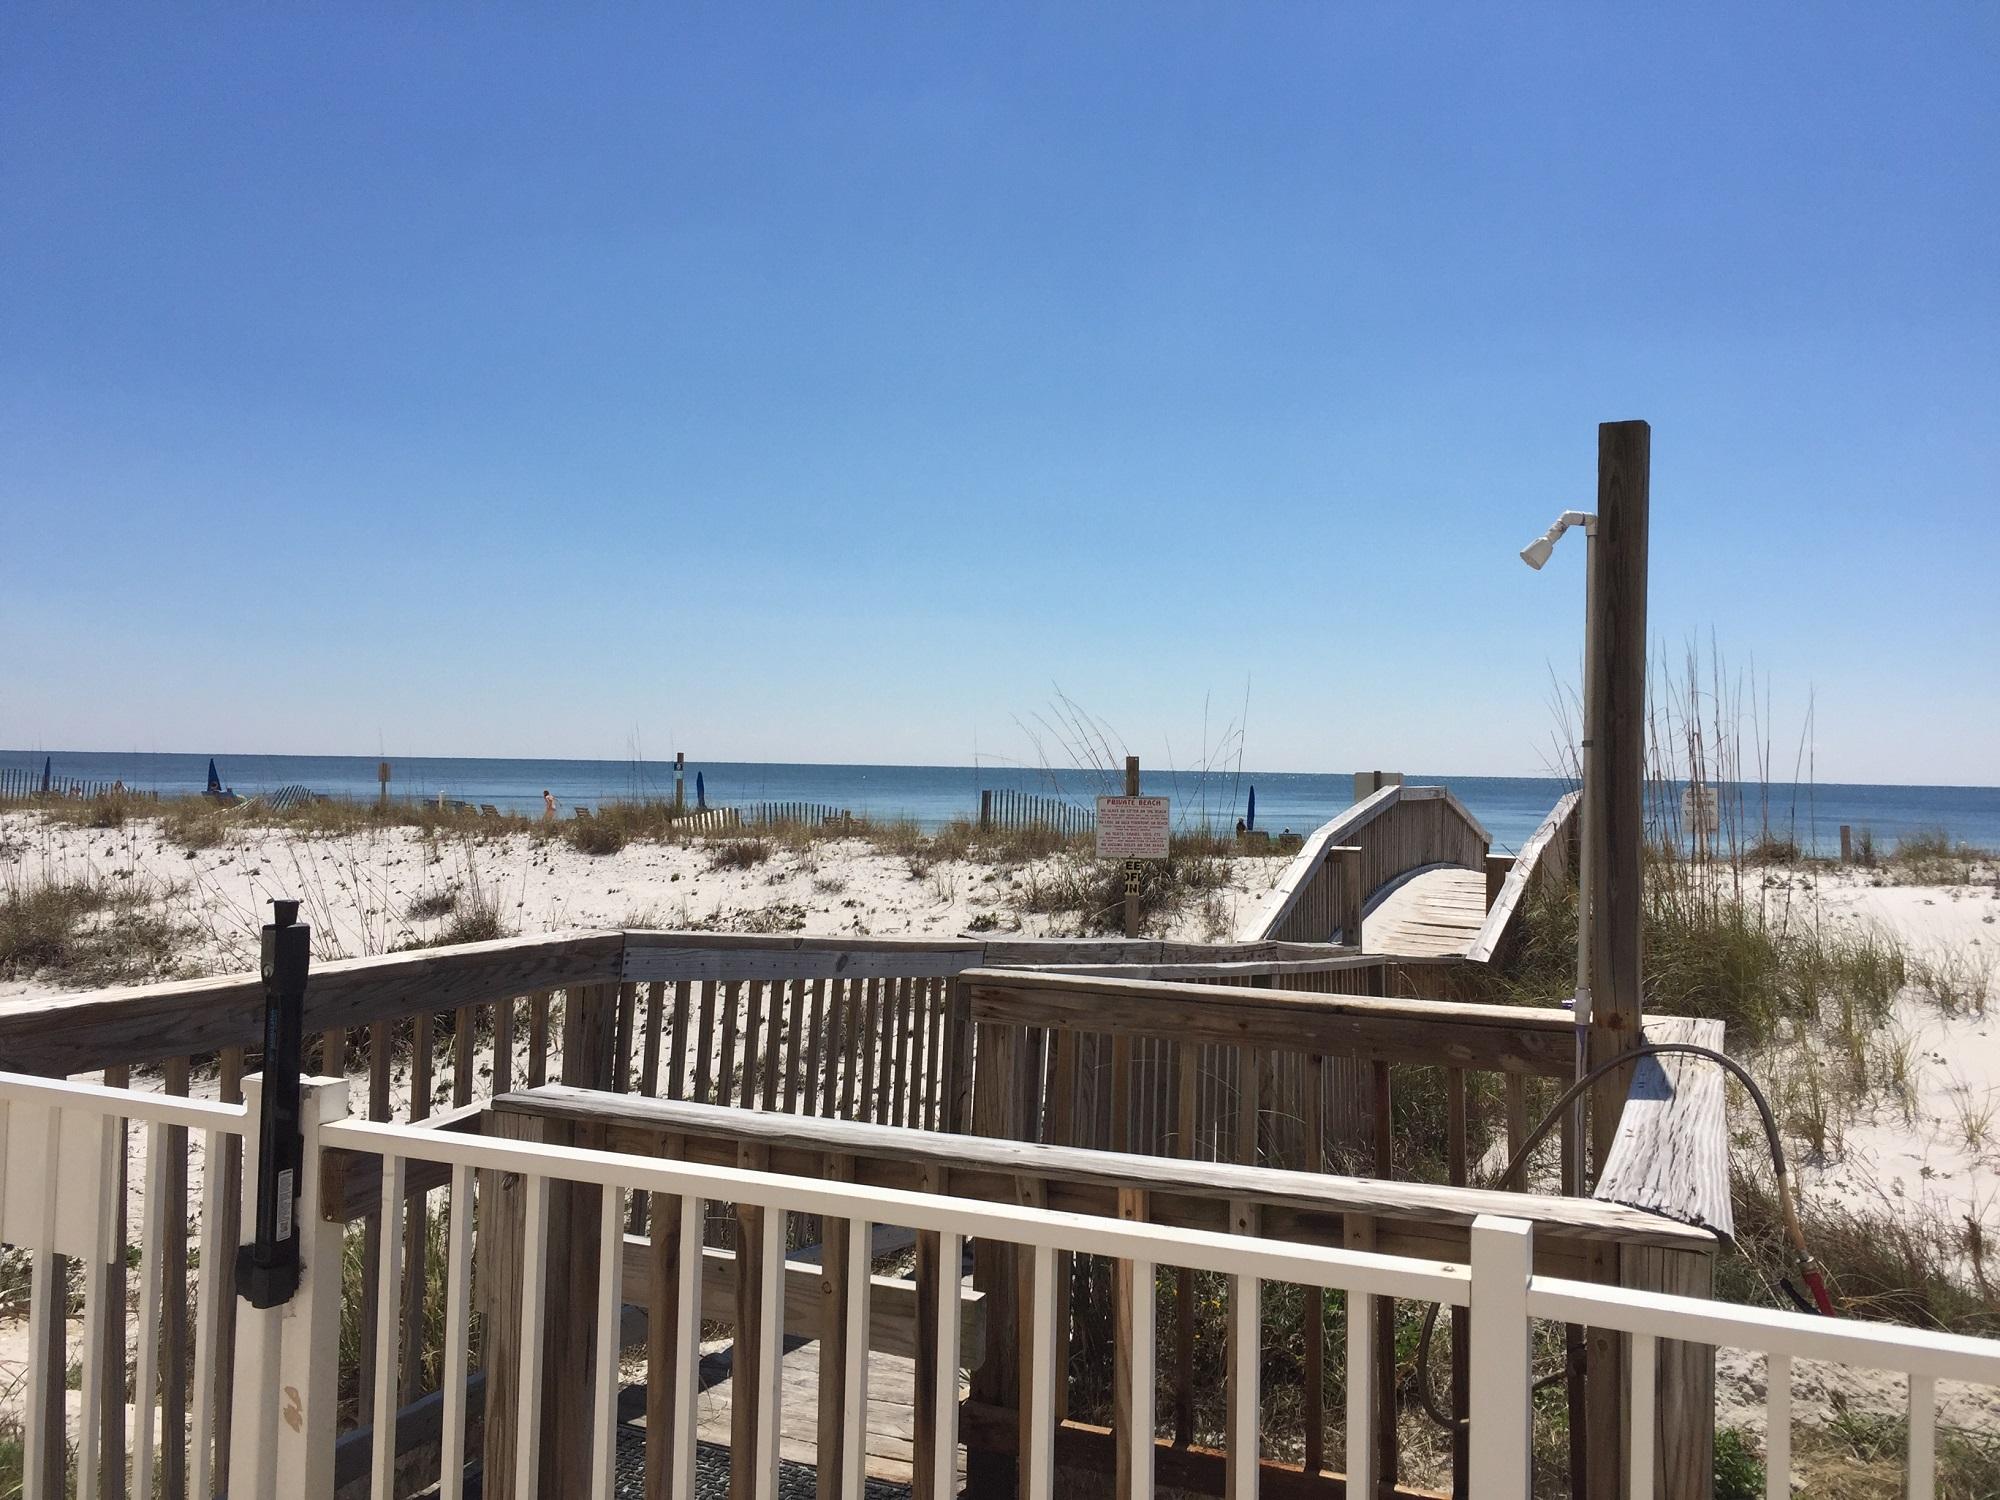 Ocean House 2706 Condo rental in Ocean House - Gulf Shores in Gulf Shores Alabama - #48